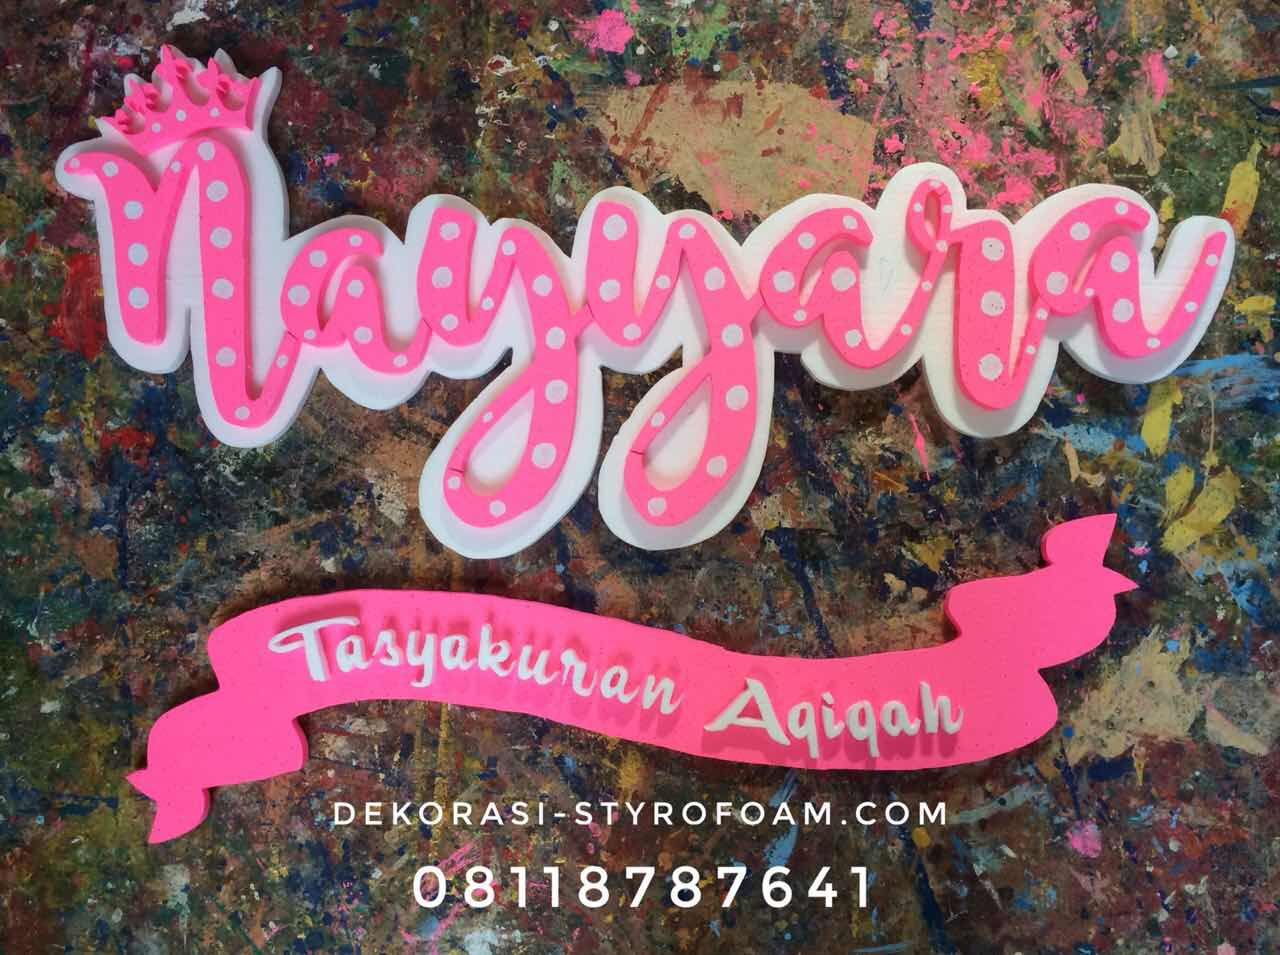 dekorasi aqiqah styrofoam nama